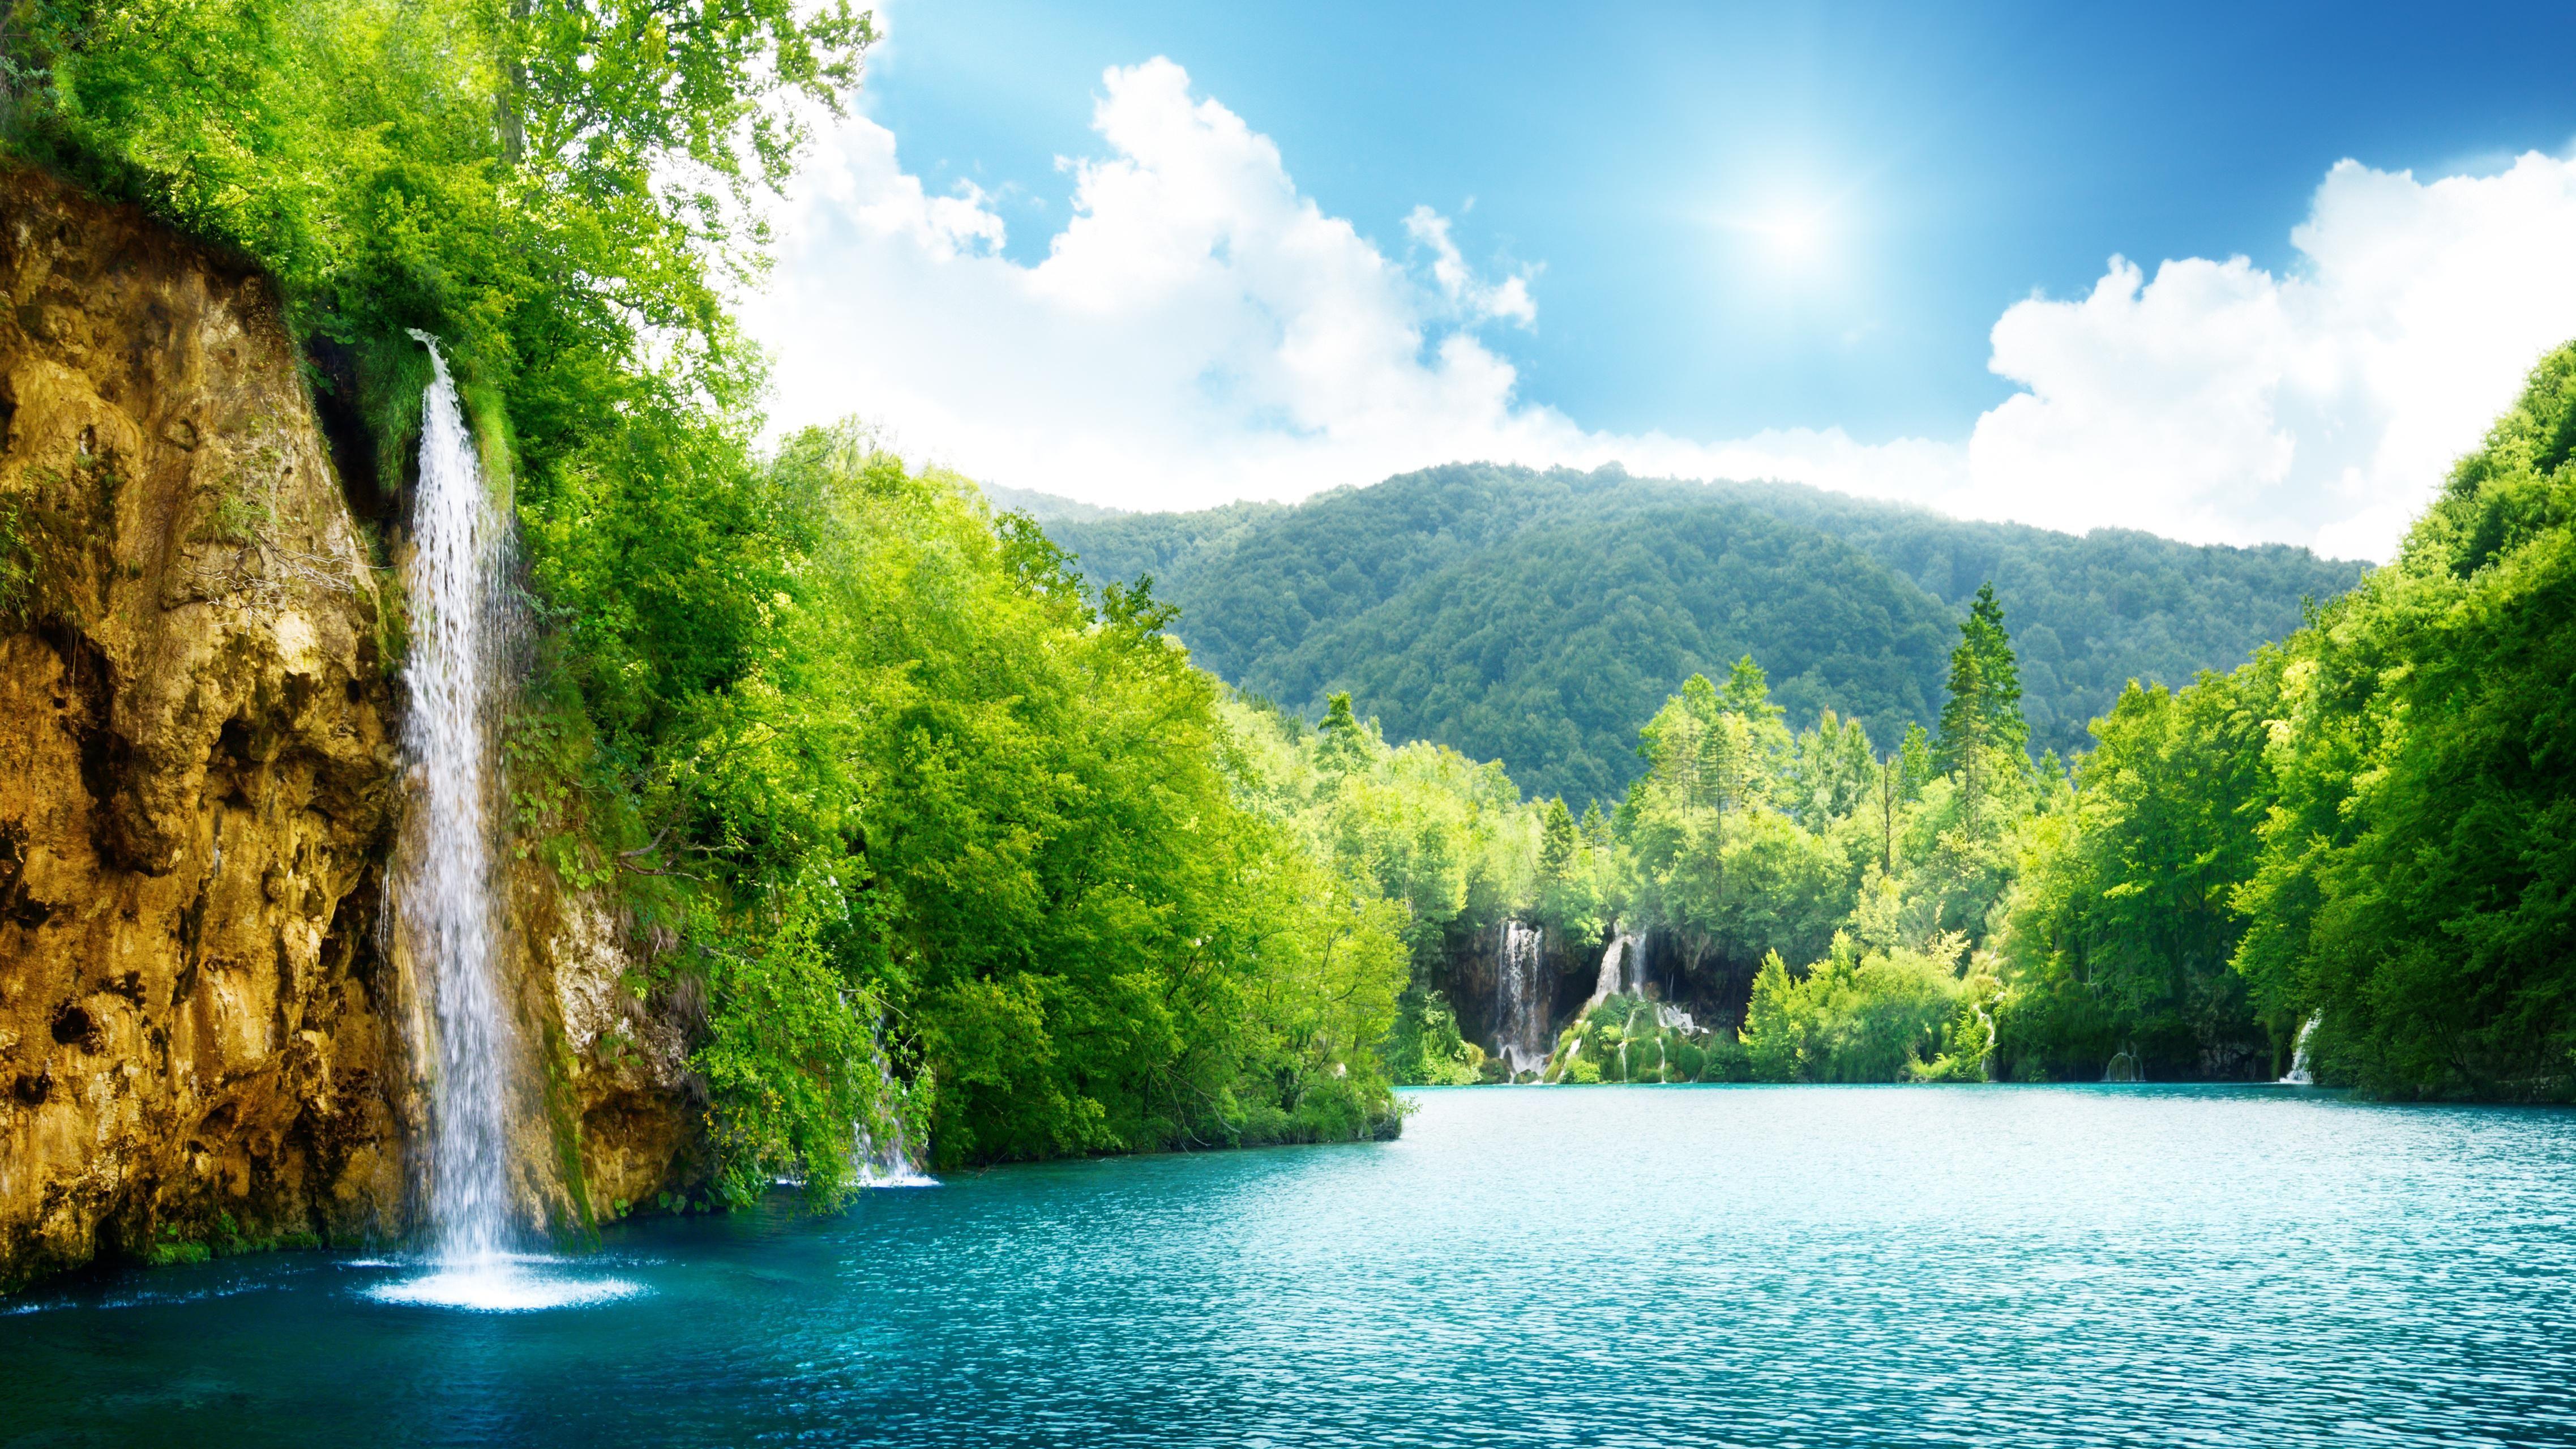 Cool Nature Waterfall 188   Nature HD Desktop Wallpaper Me in 4550x2559